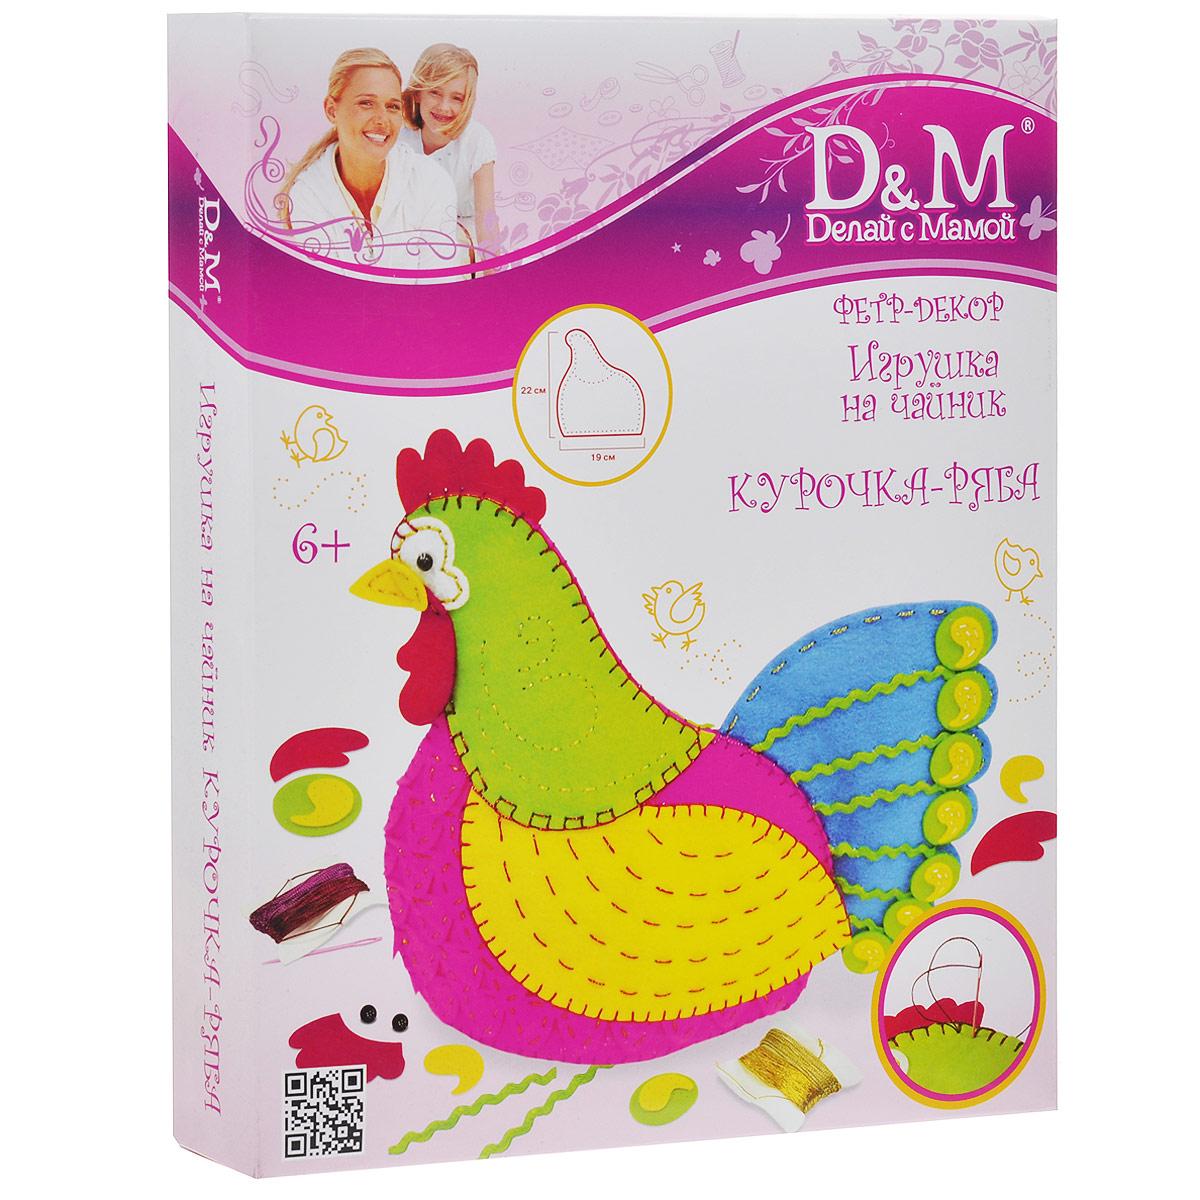 """С помощью набора для детского творчества вы и ваш ребенок сможете создать уникальную игрушку на чайник D&M """"Курочка-Ряба"""". Симпатичный аксессуар на чайник можно легко и просто сшить своими руками. В наборе есть все необходимое. Он абсолютно точно станет отличным украшением любой кухни. Оригинальный набор для творчества позволит ребенку стать дизайнером. А яркие игрушки поднимут настроение и могут стать отличным подарком друзьям и близким. Набор включает в себя Фетровые детали, желтые блестящие нитки, красные блестящие нитки, фиолетовые блестящие нитки, белые нитки, леску, бусины, тесьму, безопасную иглу, набивной материал, инструкцию на русском языке. Благодаря набору ваш ребенок научится творчески решать поставленные задачи, разовьет интеллектуальные и инструментальные способности, воображение, терпение и кругозор."""